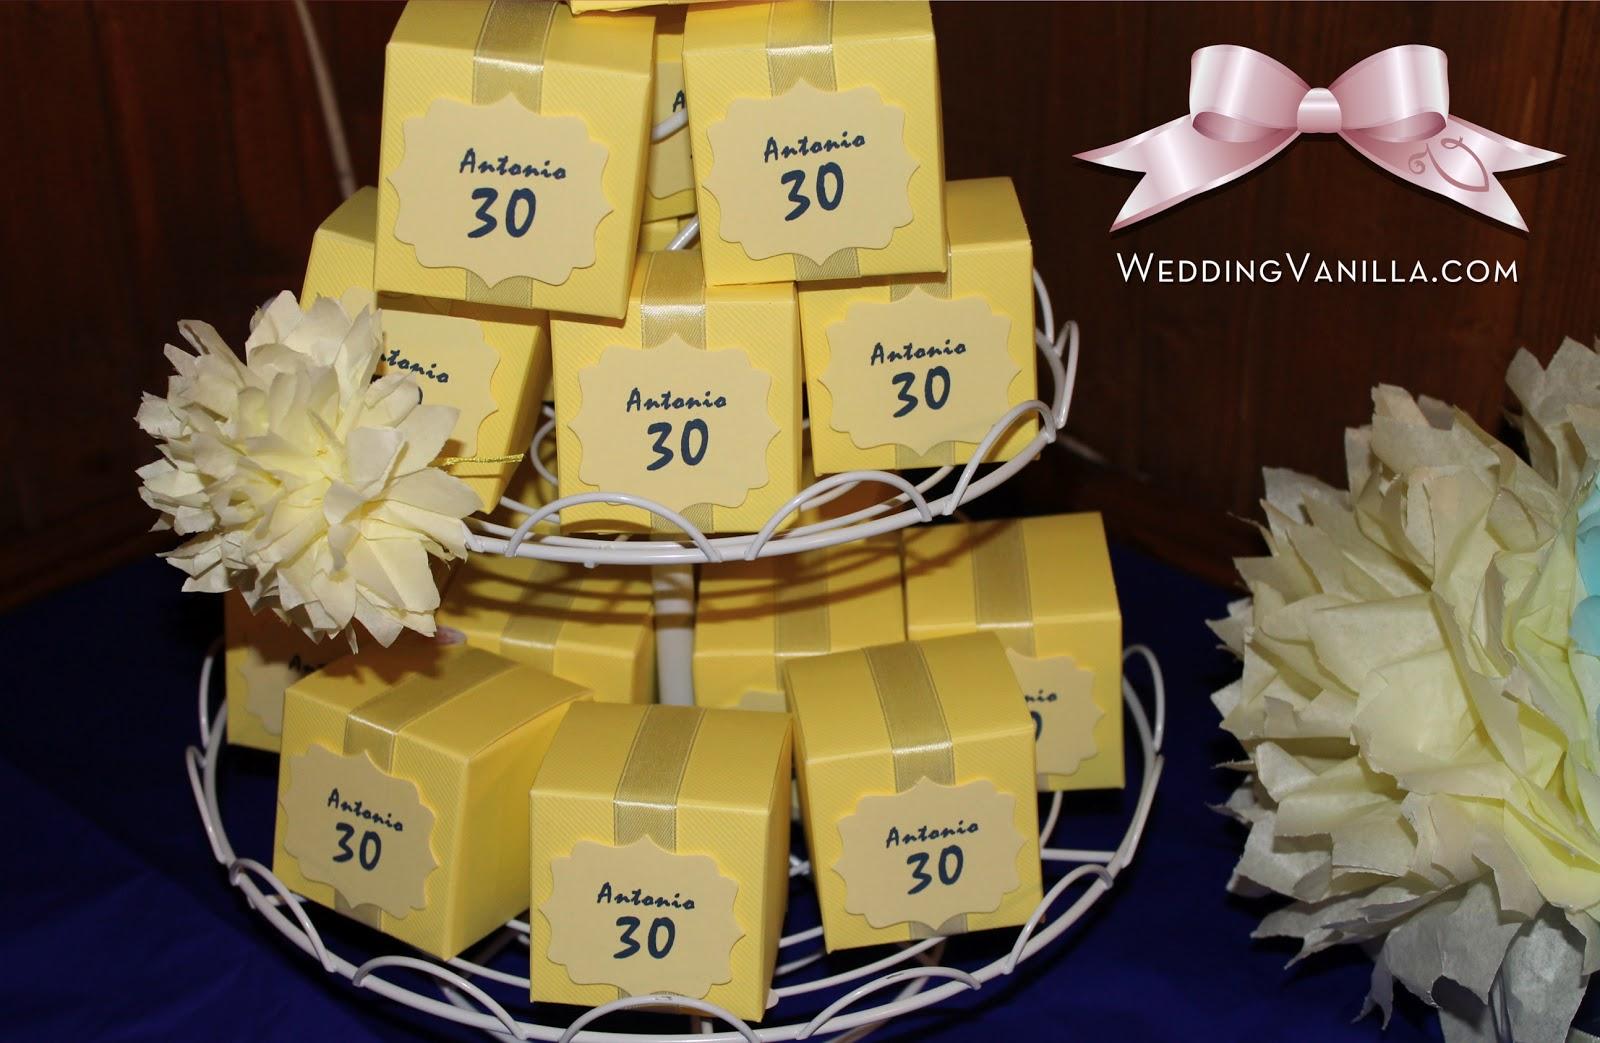 abbastanza Vanilla Wedding Design: 30 anni: Festa di compleanno di Antonio  WO61